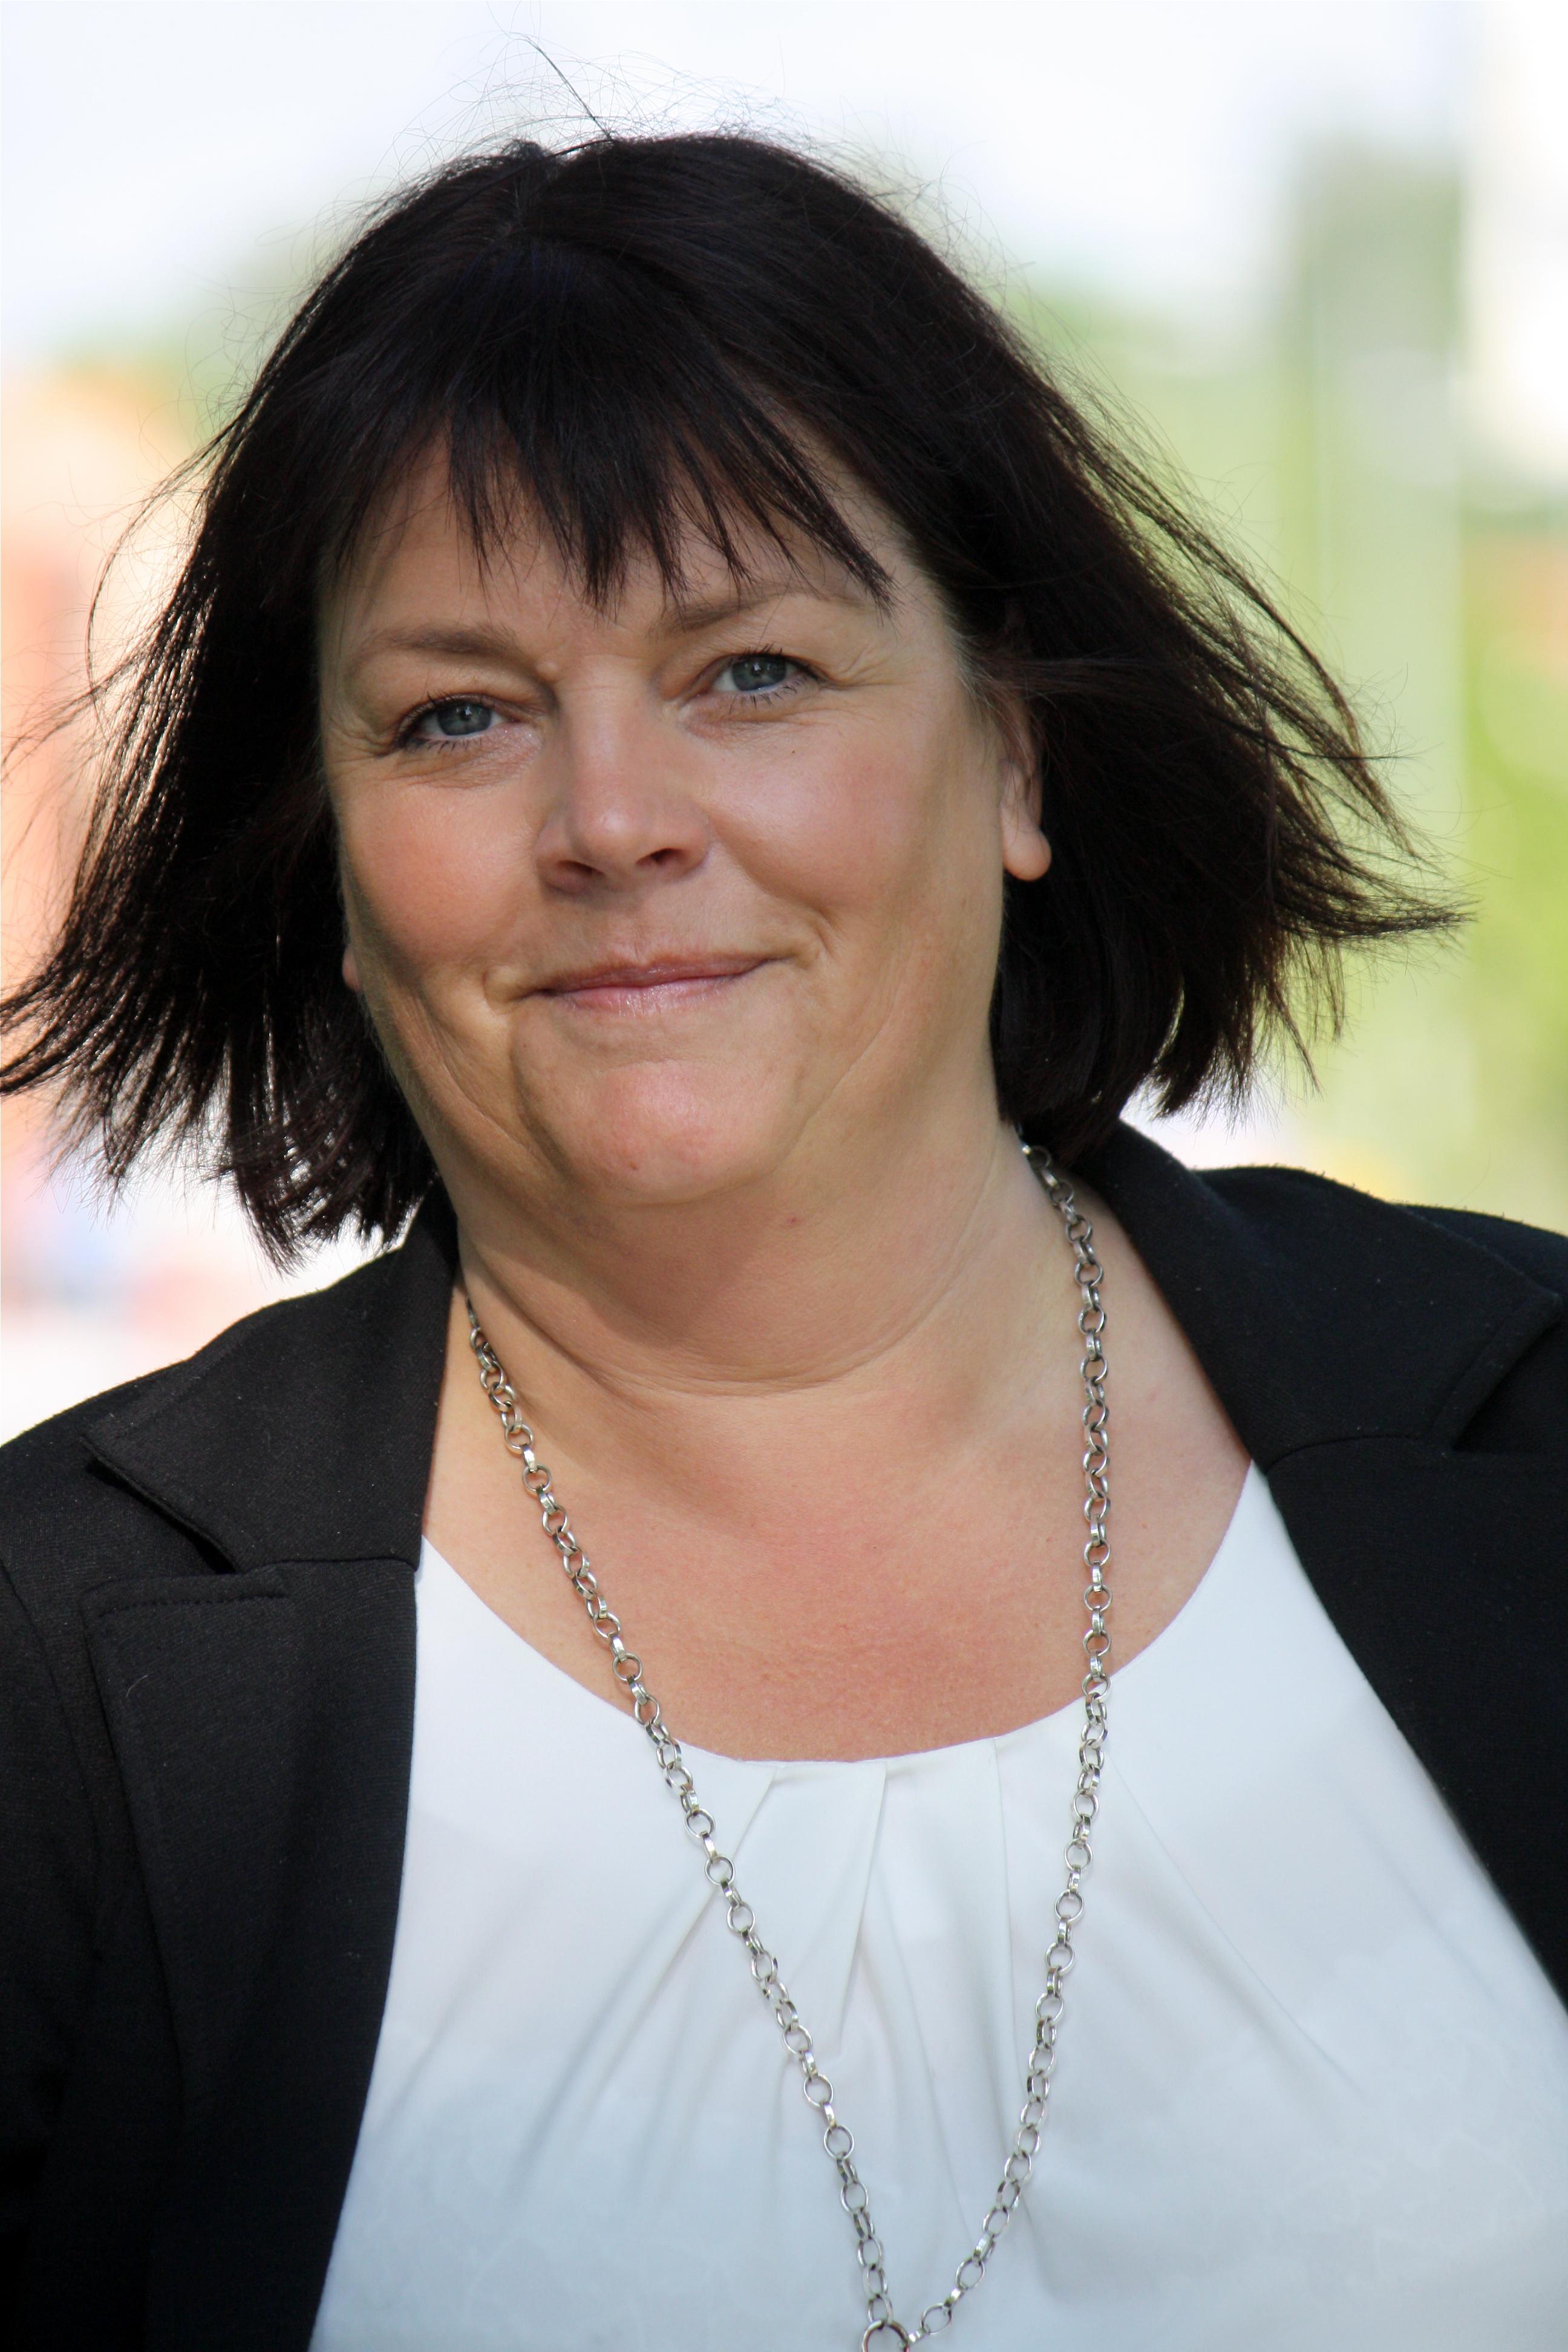 Anne Hofstedt